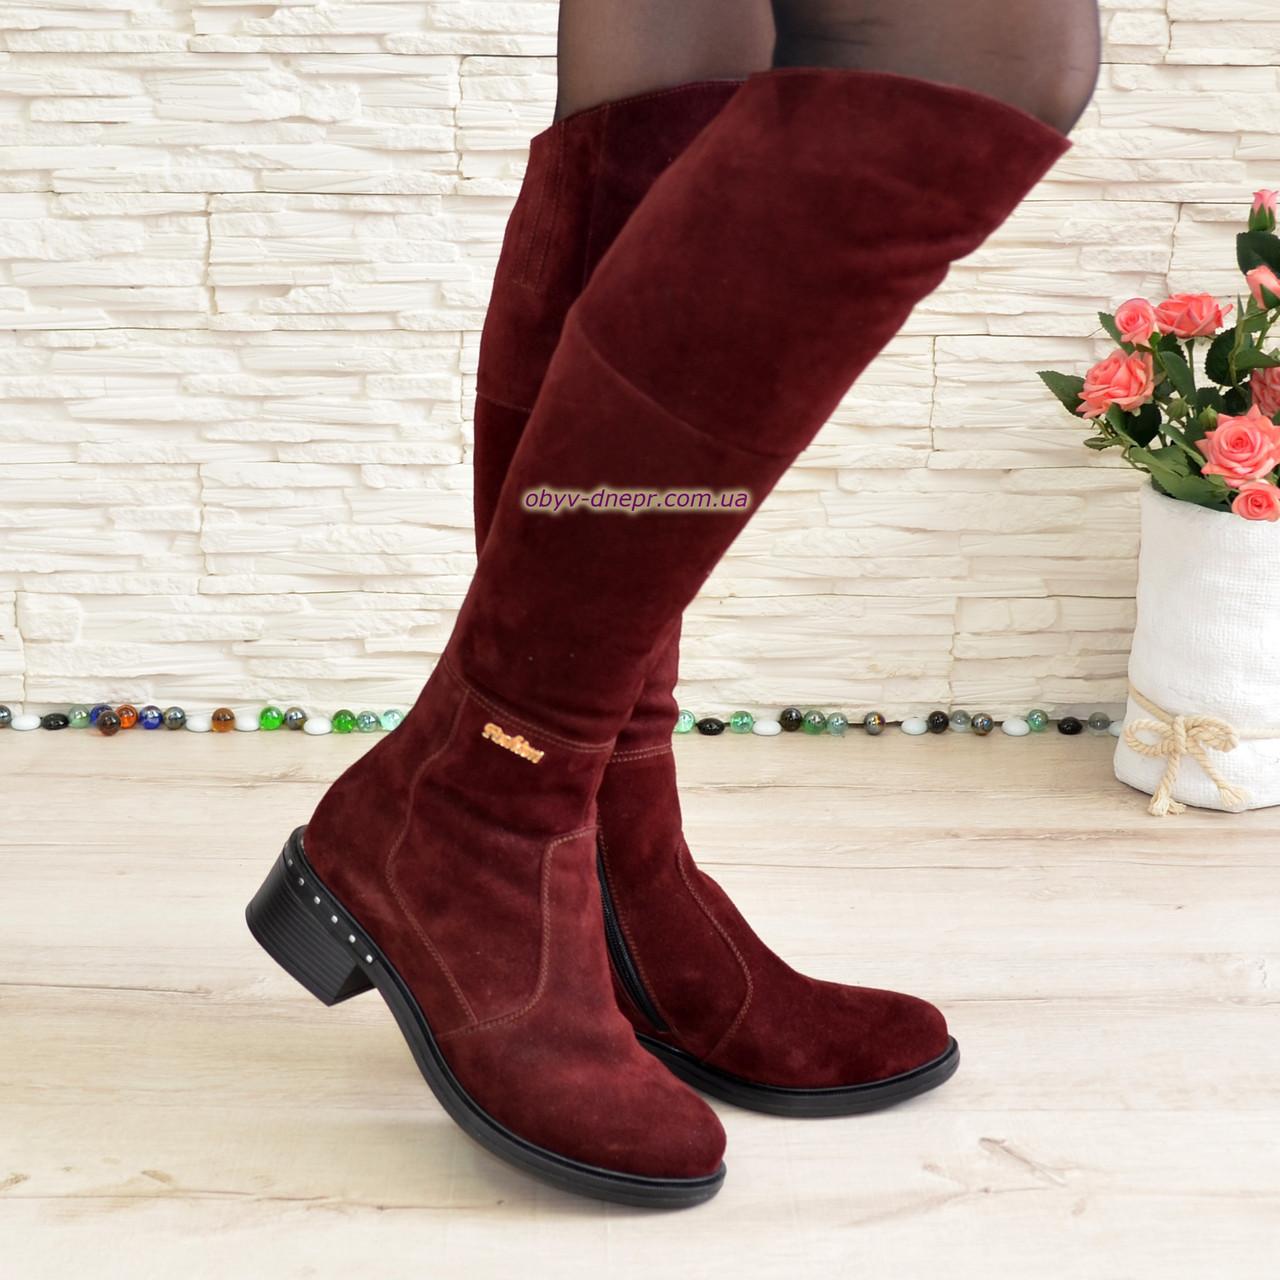 Женские демисезонные замшевые ботфорты на невысоком каблуке, цвет бордо. 37 размер